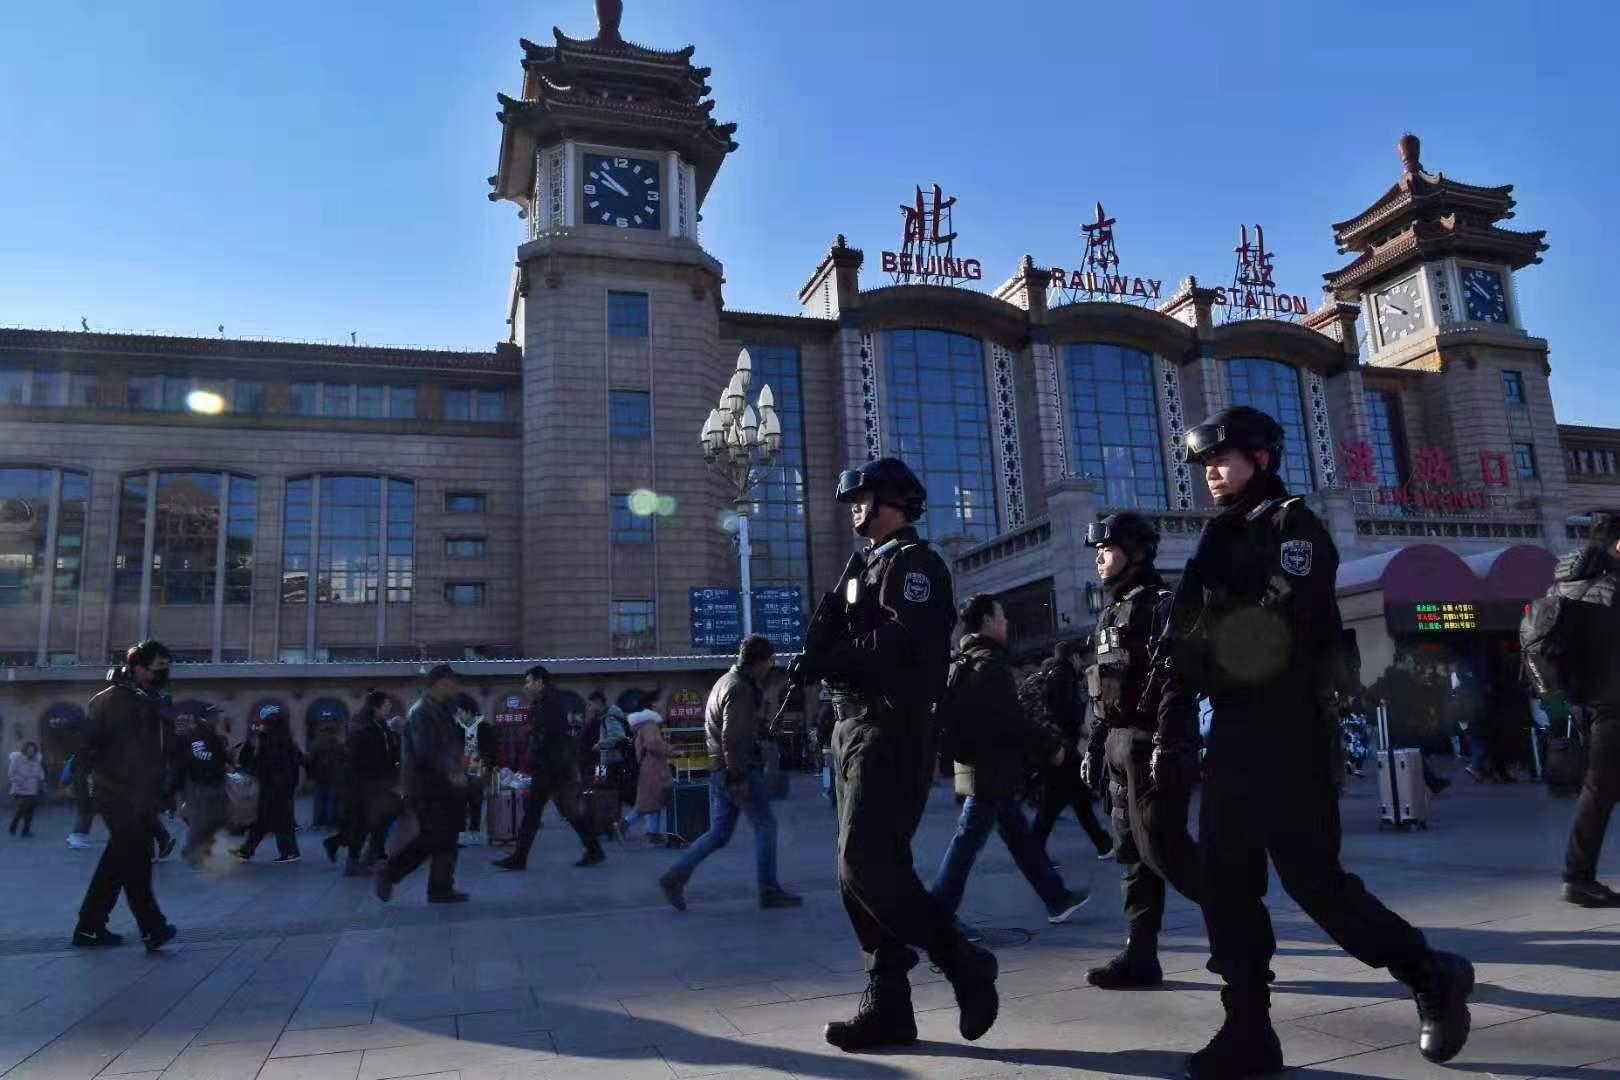 北京站广场上武警巡逻。新京报记者 李木易 摄